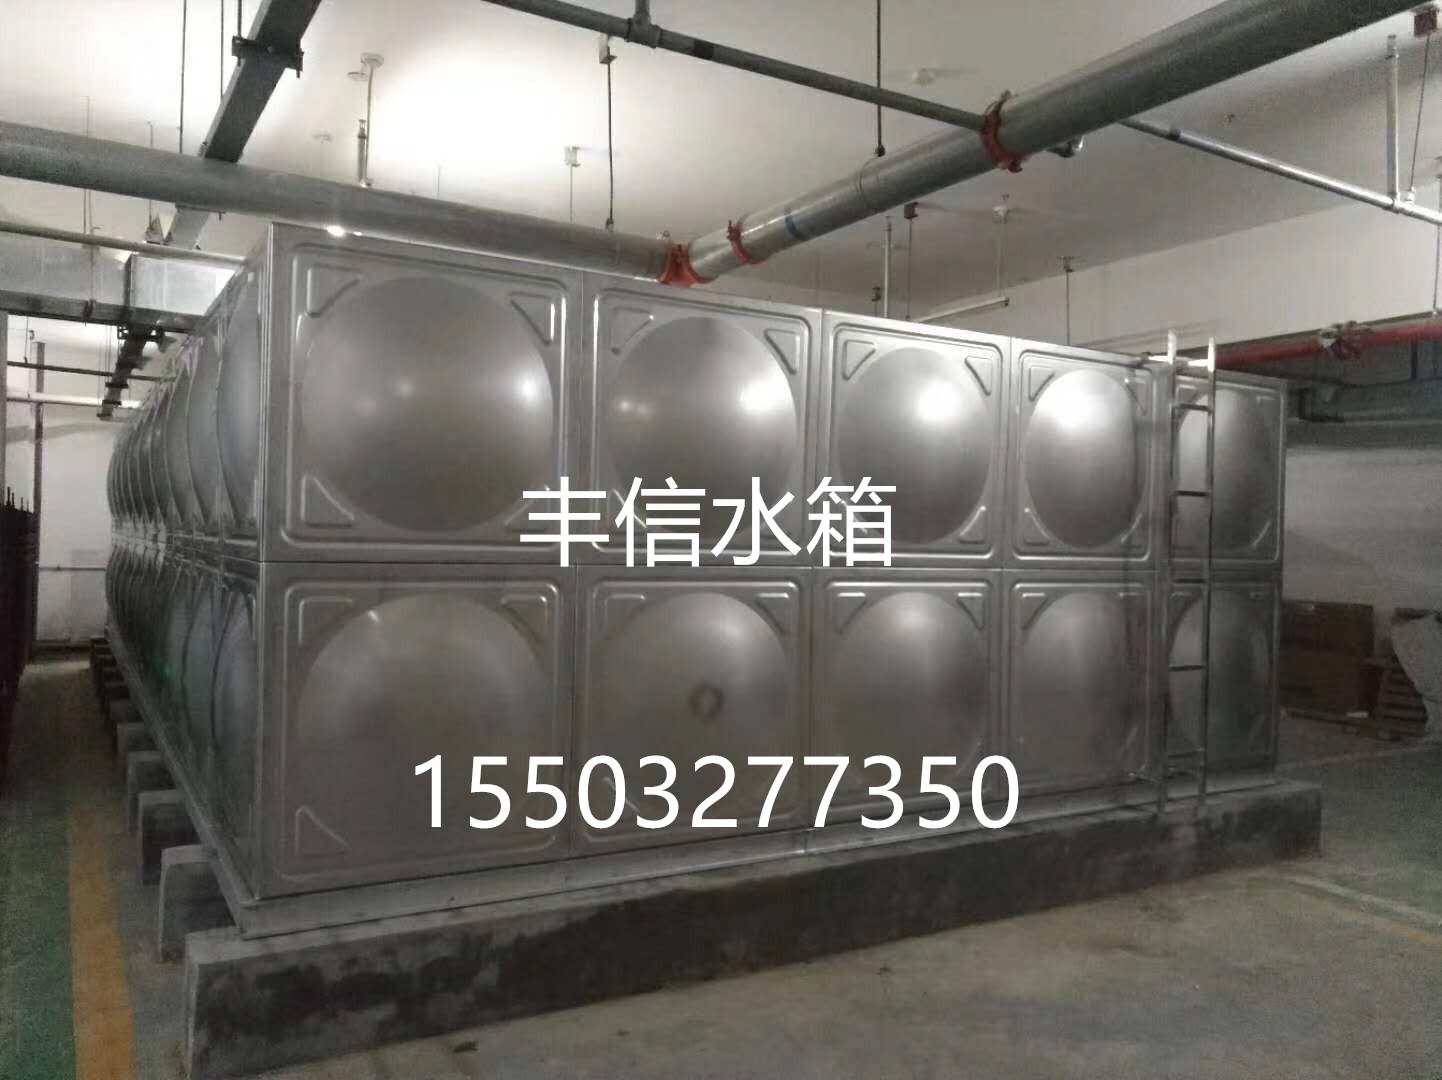 丰信环保优质不锈钢水箱